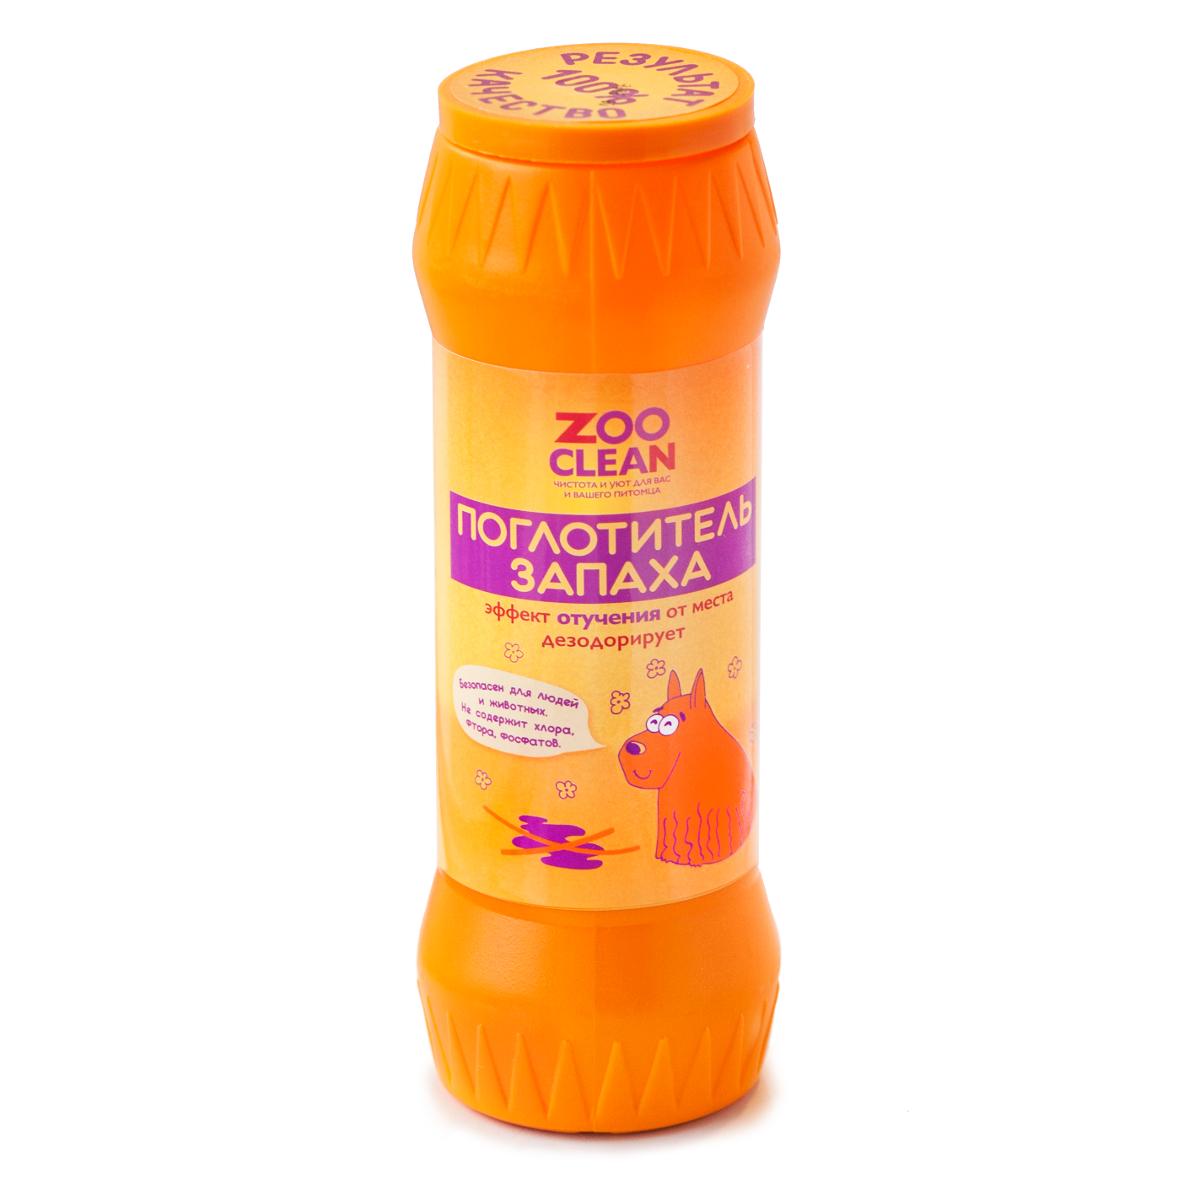 Поглотитель запаха Zoo Clean, с эффектом отучения от места, 400 г0120710Поглотитель запаха с эффектом отучения от места 400 г Поглощает запах Отучает питомца от нежелательных мест Длительный эффектОсобенности: Не содержит:— Хлора.— Фтора.— Фосфатов.Безопасен для людей и животных.Снимает территориальные метки Рекомендовано и апробировано Российскими питомниками.Возможна обработка в присутствии животных. Область применения: Салоны автомобилей Пол, паркет, линолиум, ламинат, ковровые покрытия, мягкой мебели, ткани и т. д. Как применять? Удалить грубое загрязнение.Освободить отверстия крышки банки от наклейки Насыпать порошок на обрабатываемую поверхность Выдержать 15-25 минут Собрать пылесосом или подмести (если поверхность была влажной, то после высыхания пропылесосить повторно)Меры предосторожности: Беречь от детей При попадании в глаза промыть водой. Состав: Бикарбонат натрия, силикат кальция, спецдобавки, эфирные масла.